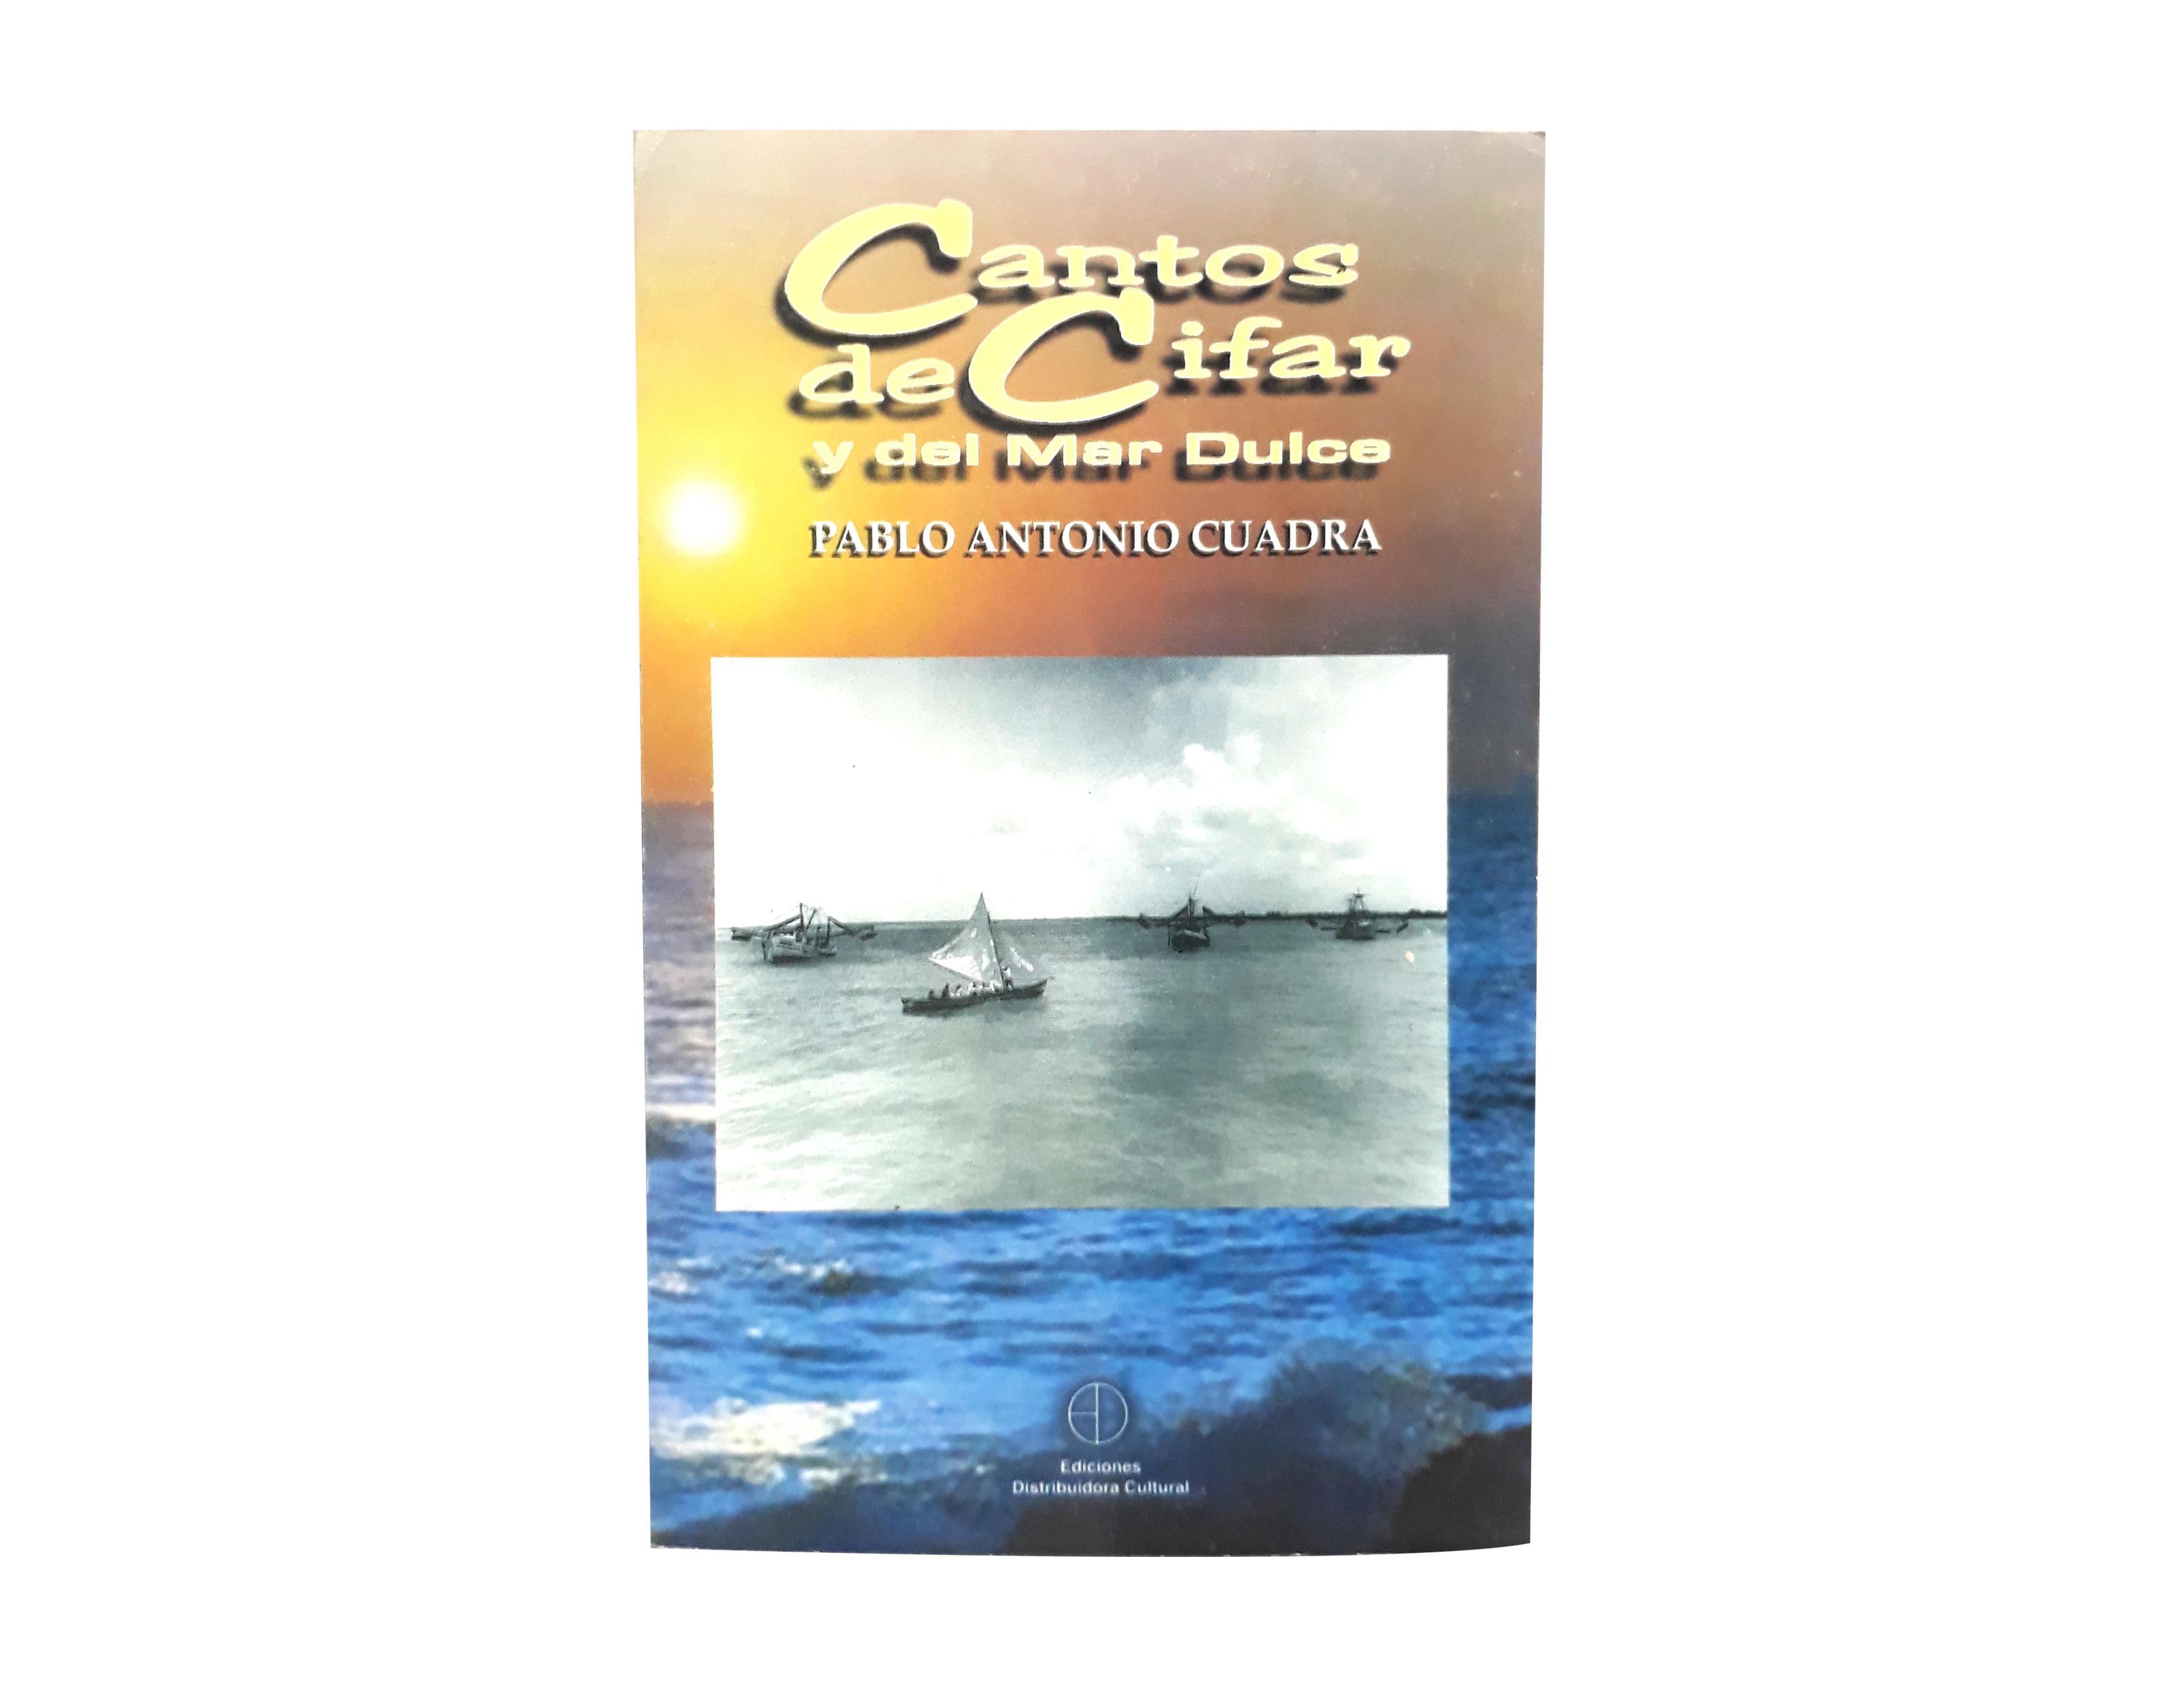 CANTOS DE CIFAR